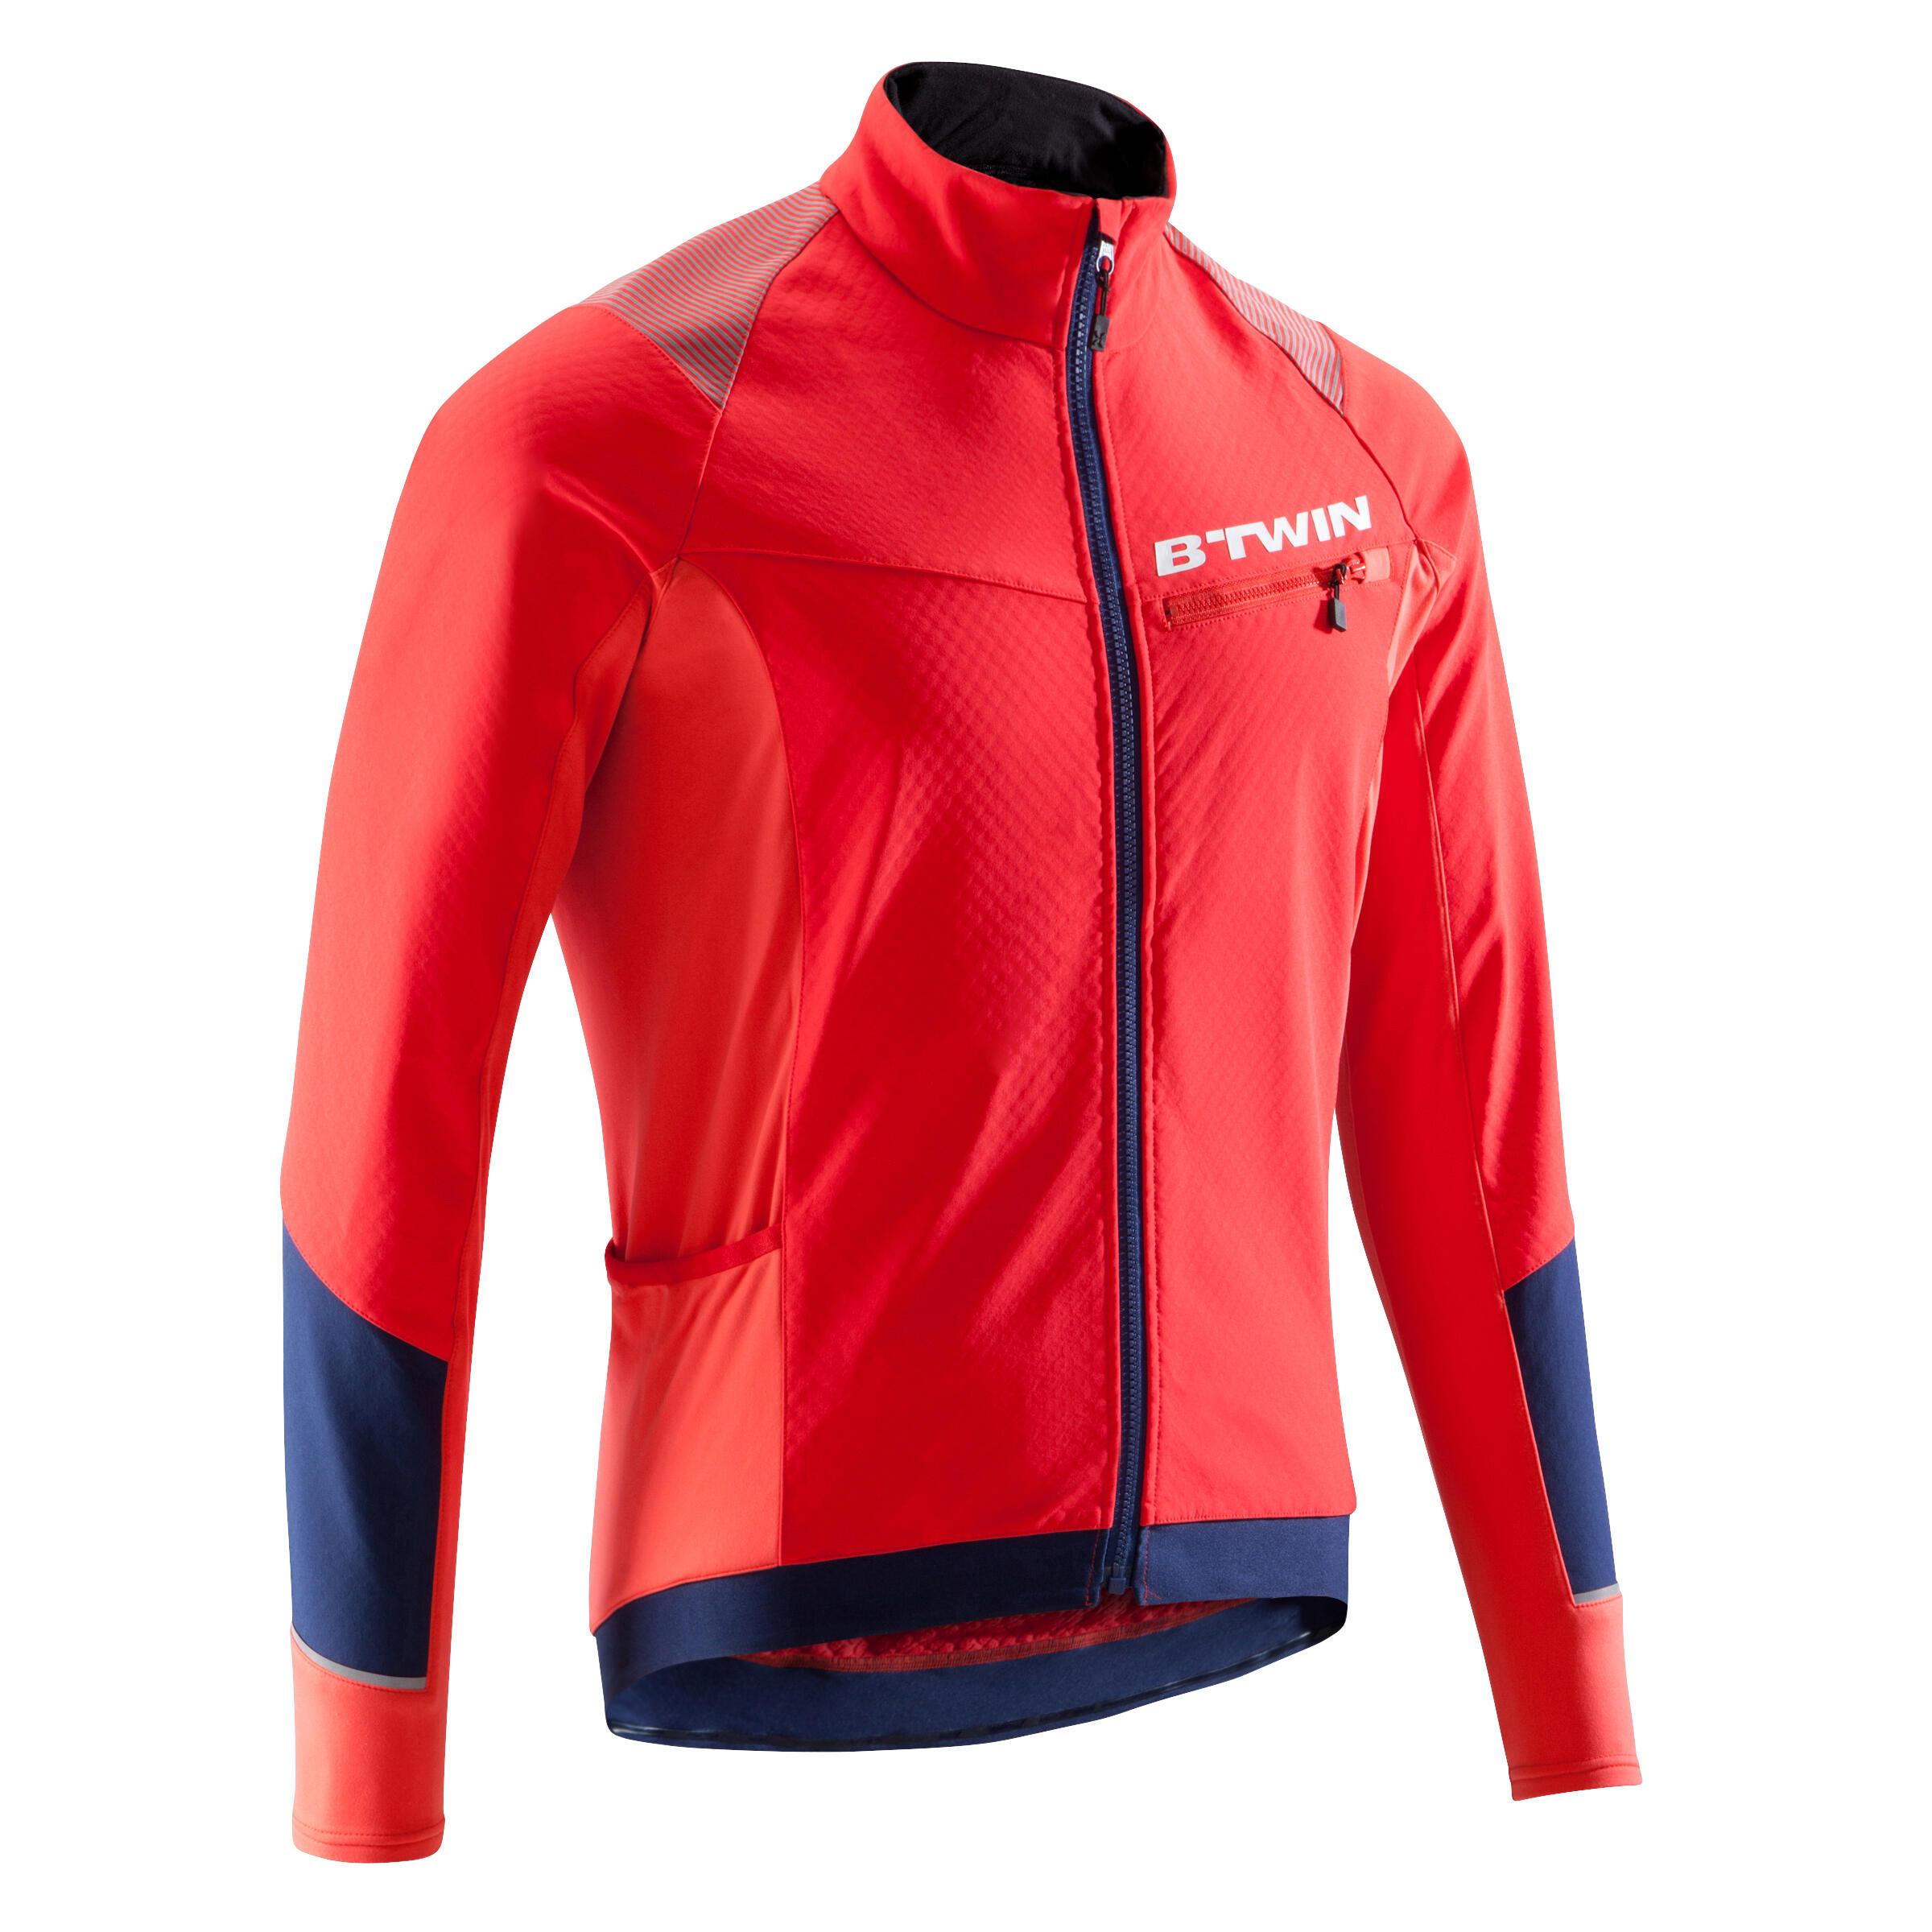 Comprar Chaqueta Ciclismo Invierno Online  d41d1a91cef24